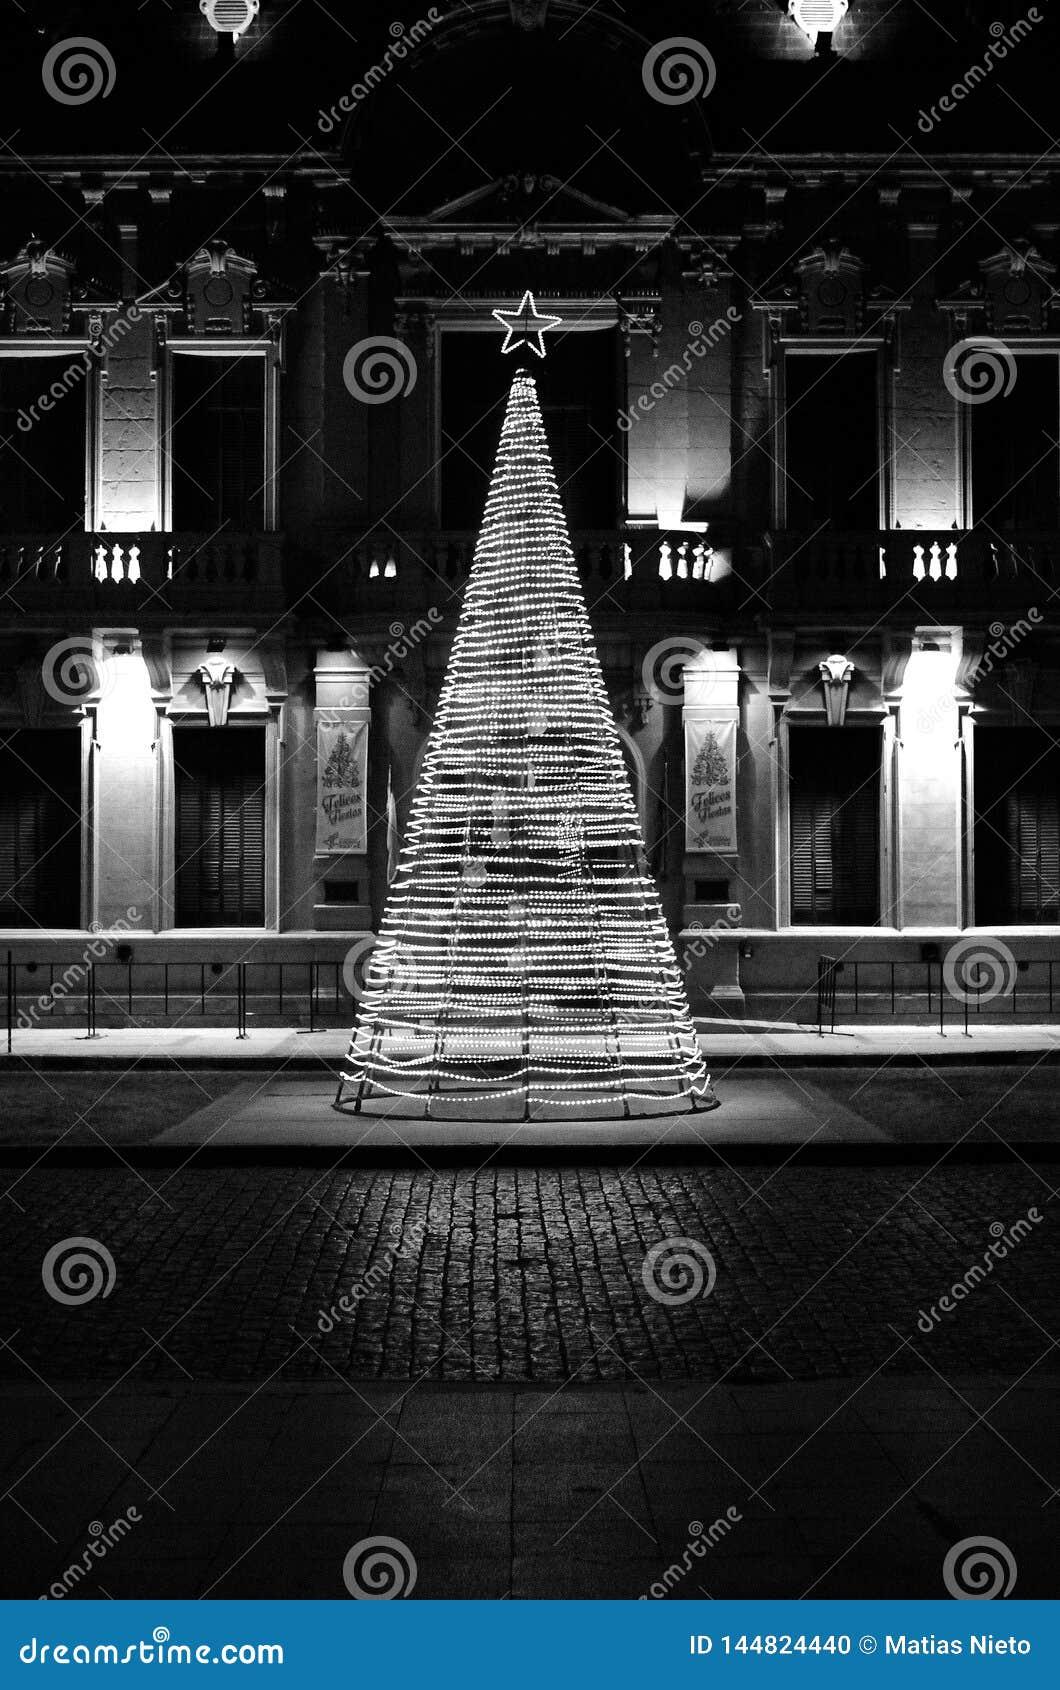 Bożonarodzeniowe światła drzewny pojęcie w klasycznym historycznym regionie Ameryka Południowa w czarny i biały